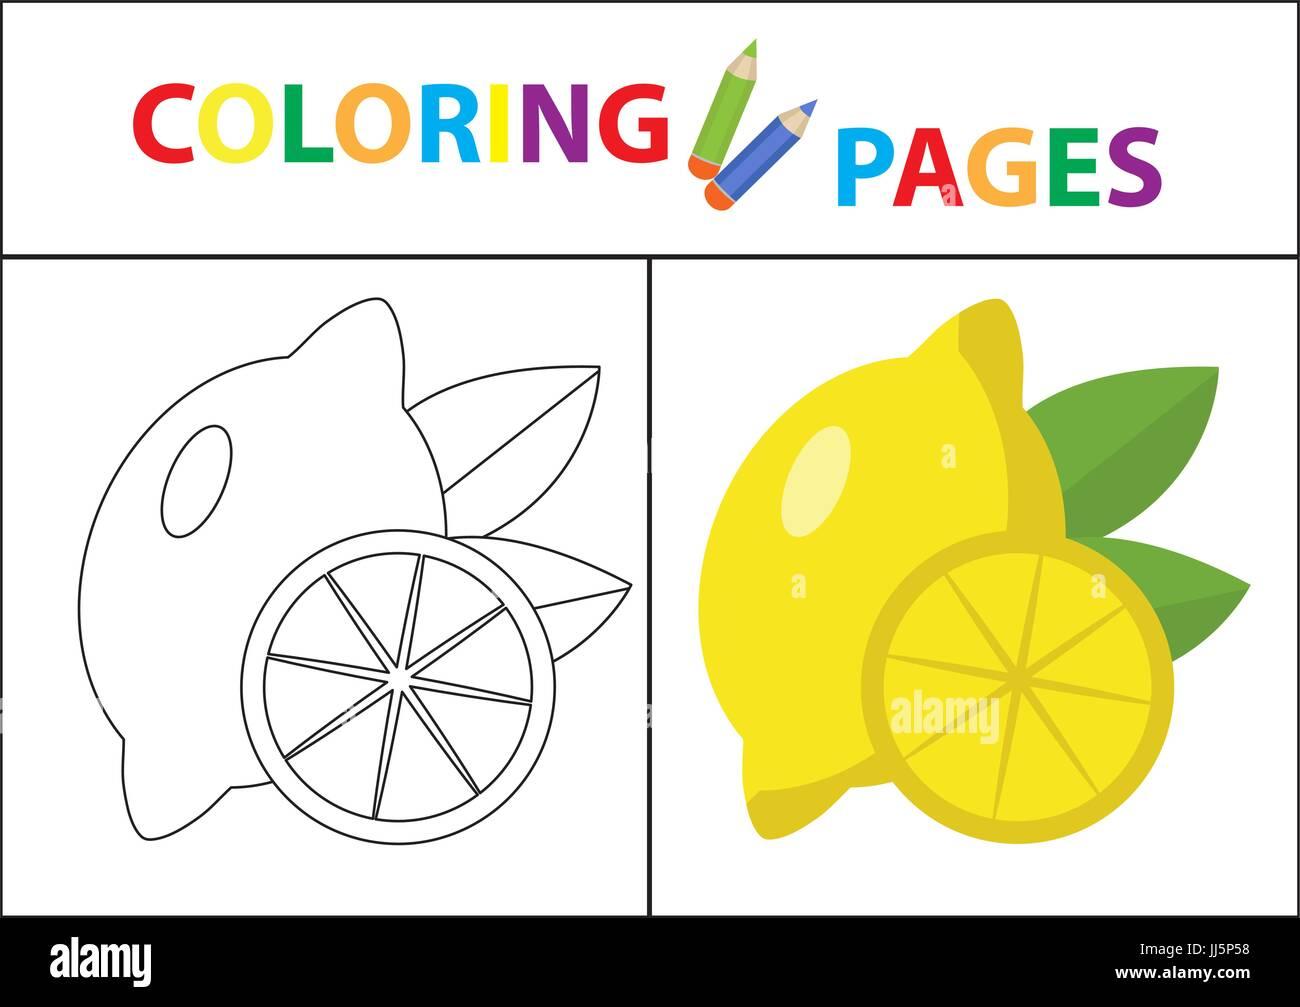 Coloring Book Seite. Skizze Kontur und Farbe Version. Malvorlagen für Kinder. Kinder Bildung. Vektor-Illustration. Stockbild